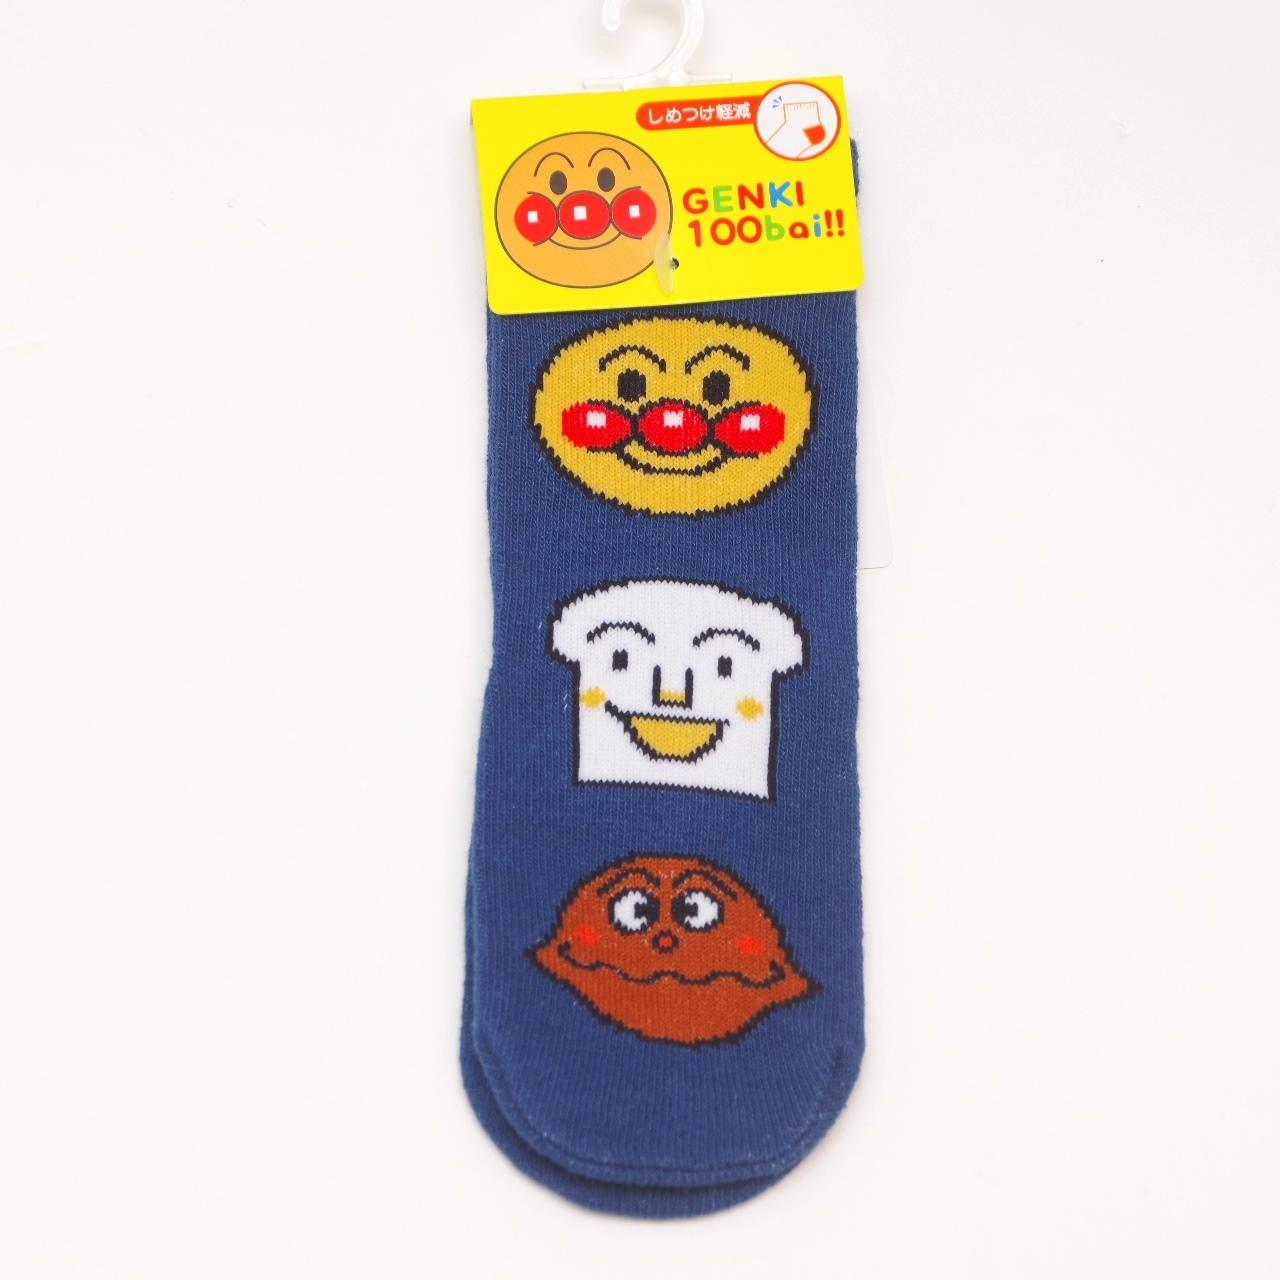 アンパンマン しょくぱんまん カレーパンマン ソックス・靴下 スベリ止メ付き (1872-812-750)